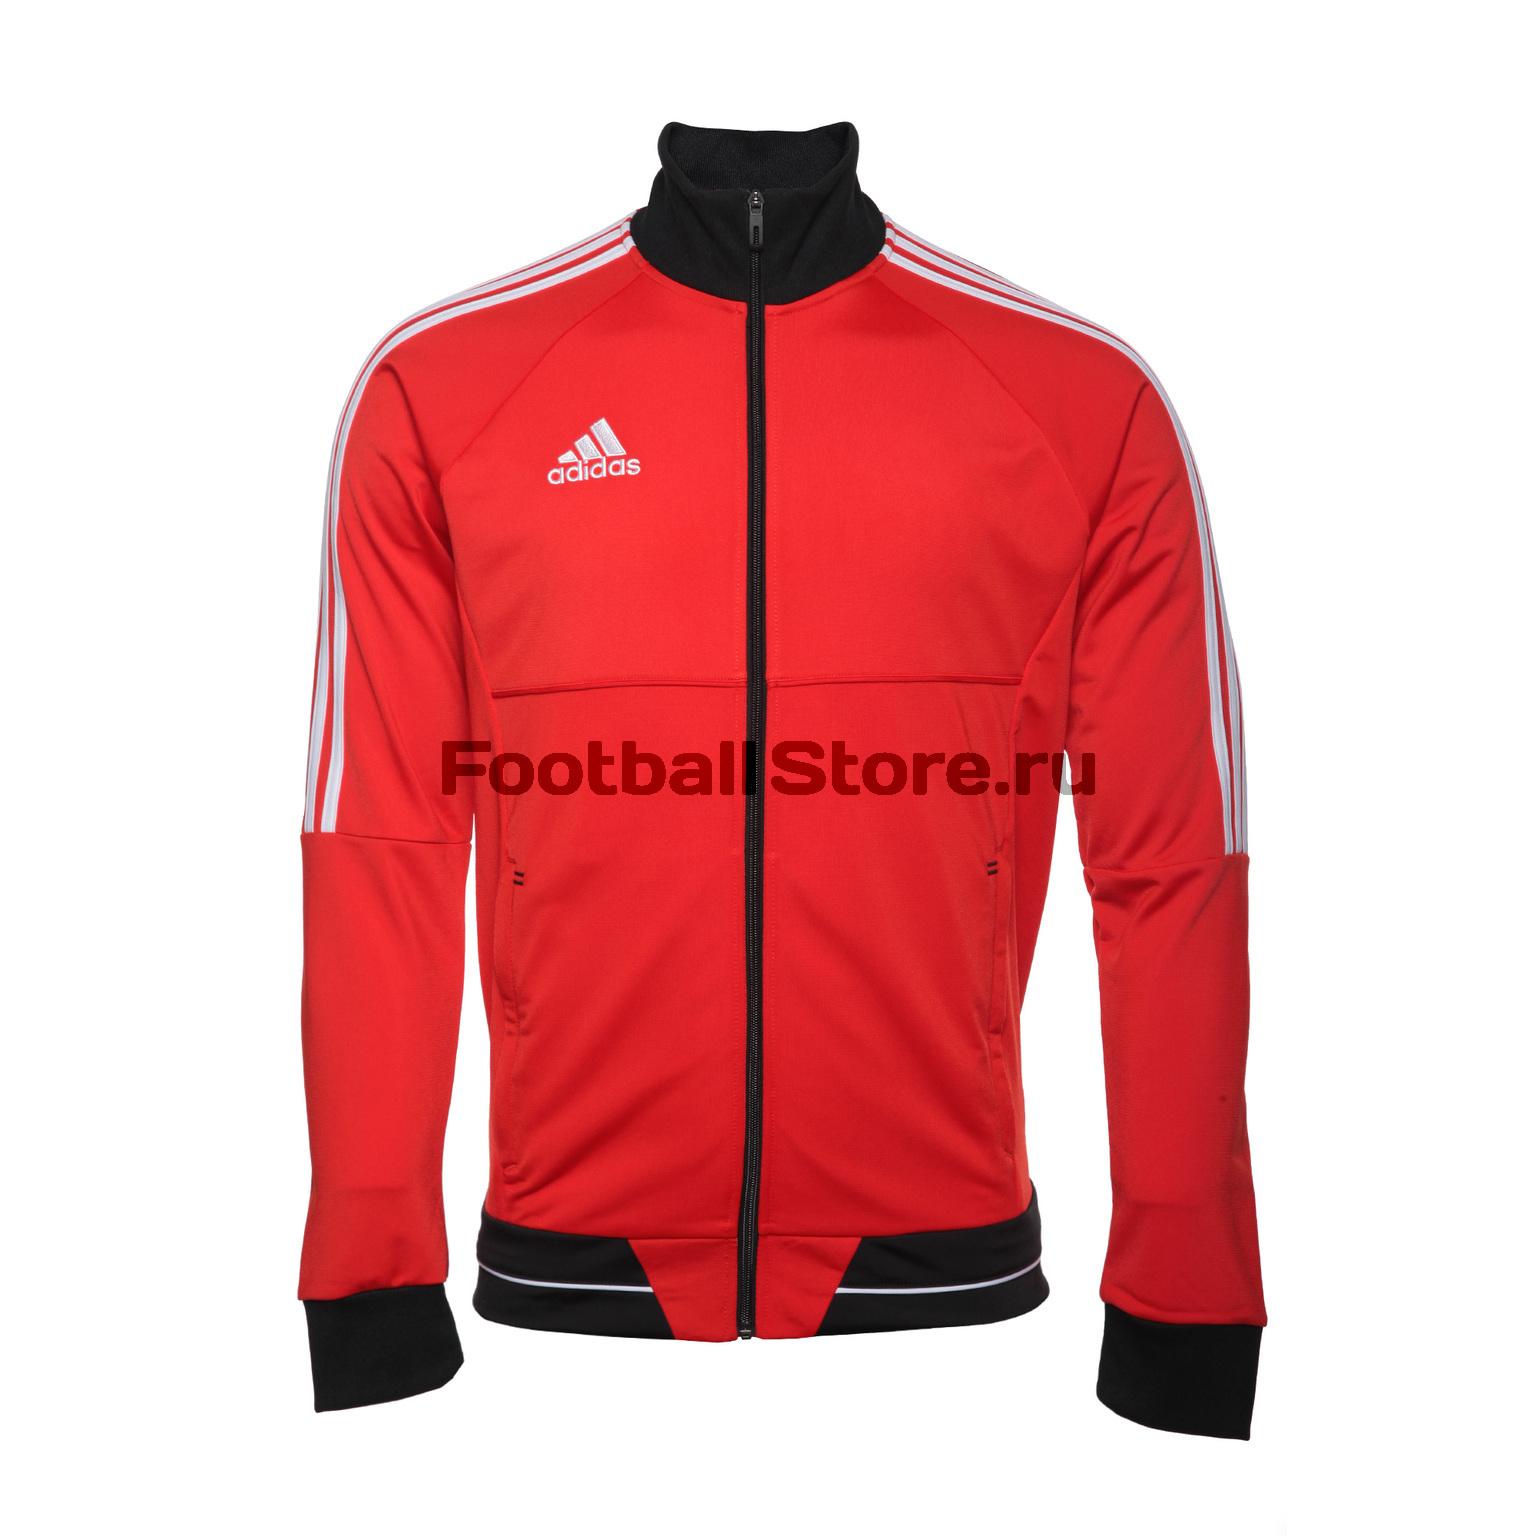 Олимпийка Adidas Tiro17 Pes Jkt BQ2606 цена